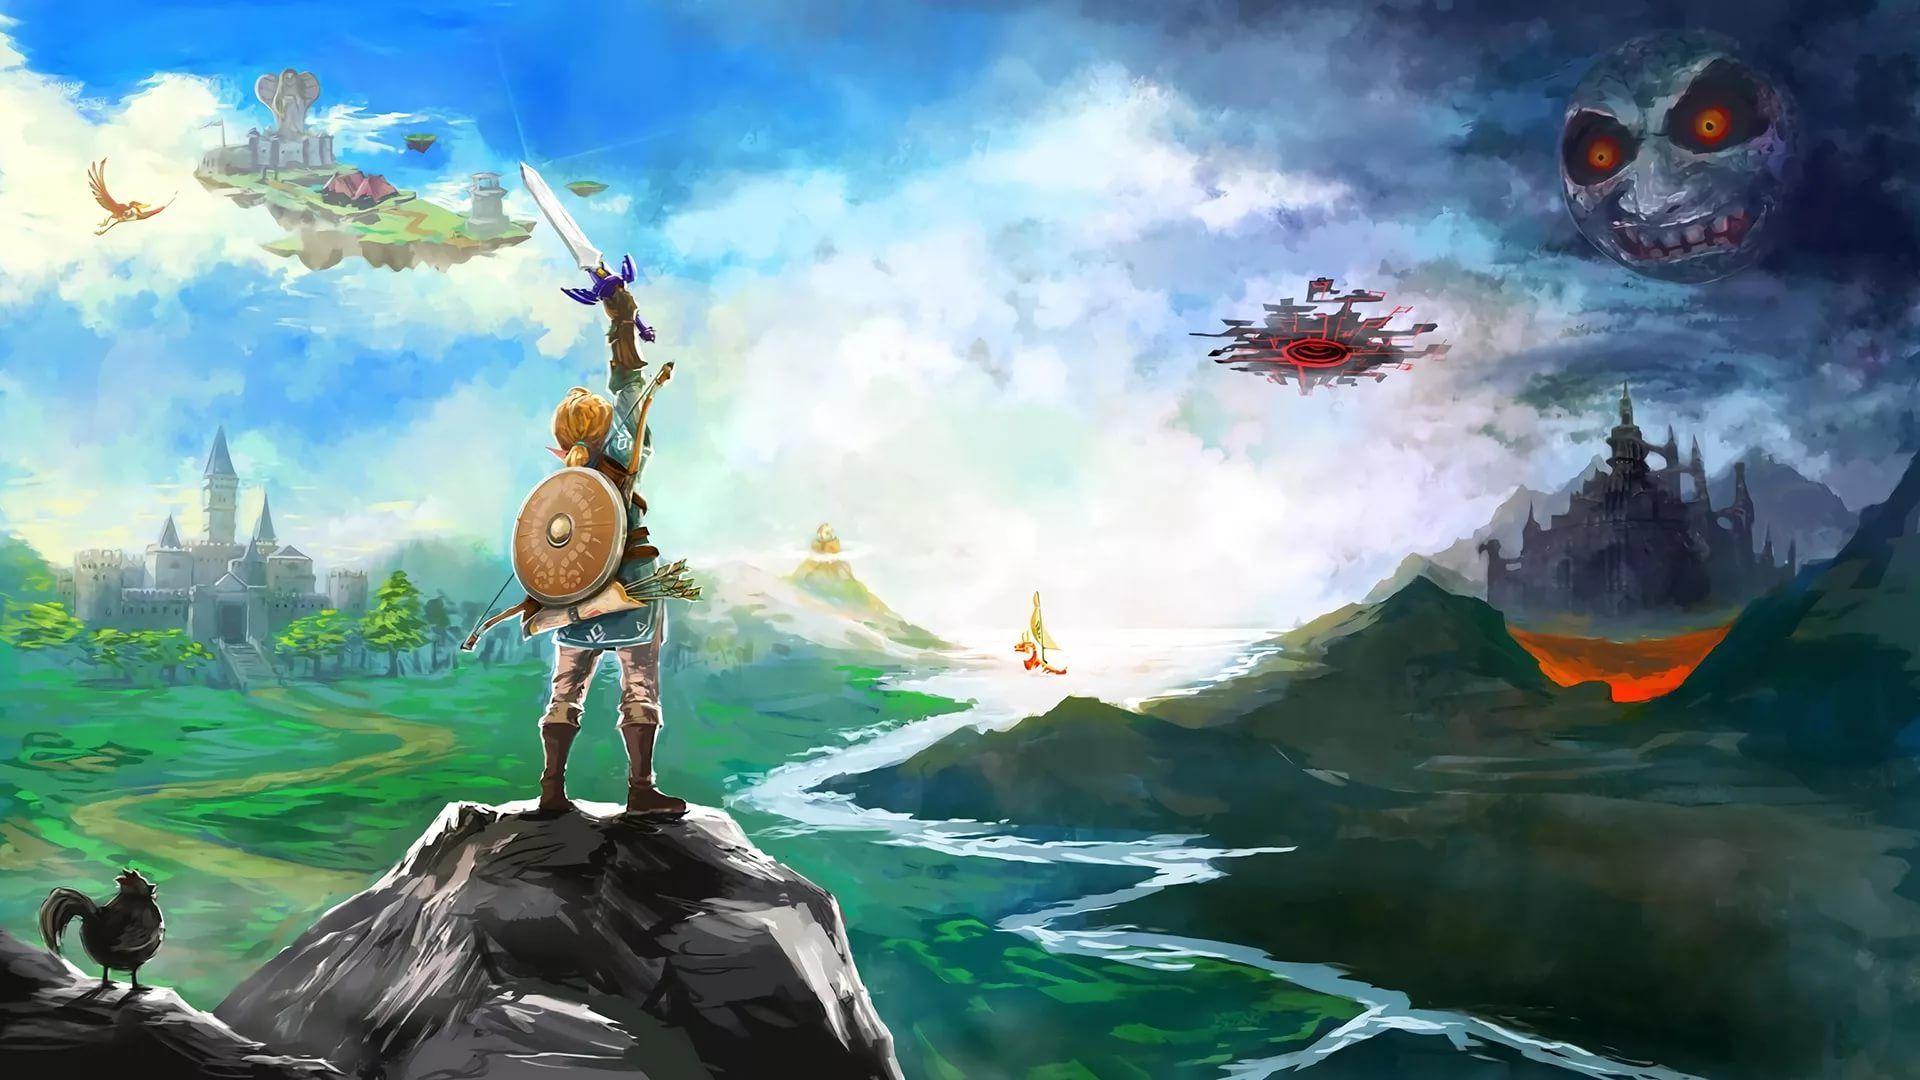 Zelda Live new wallpaper